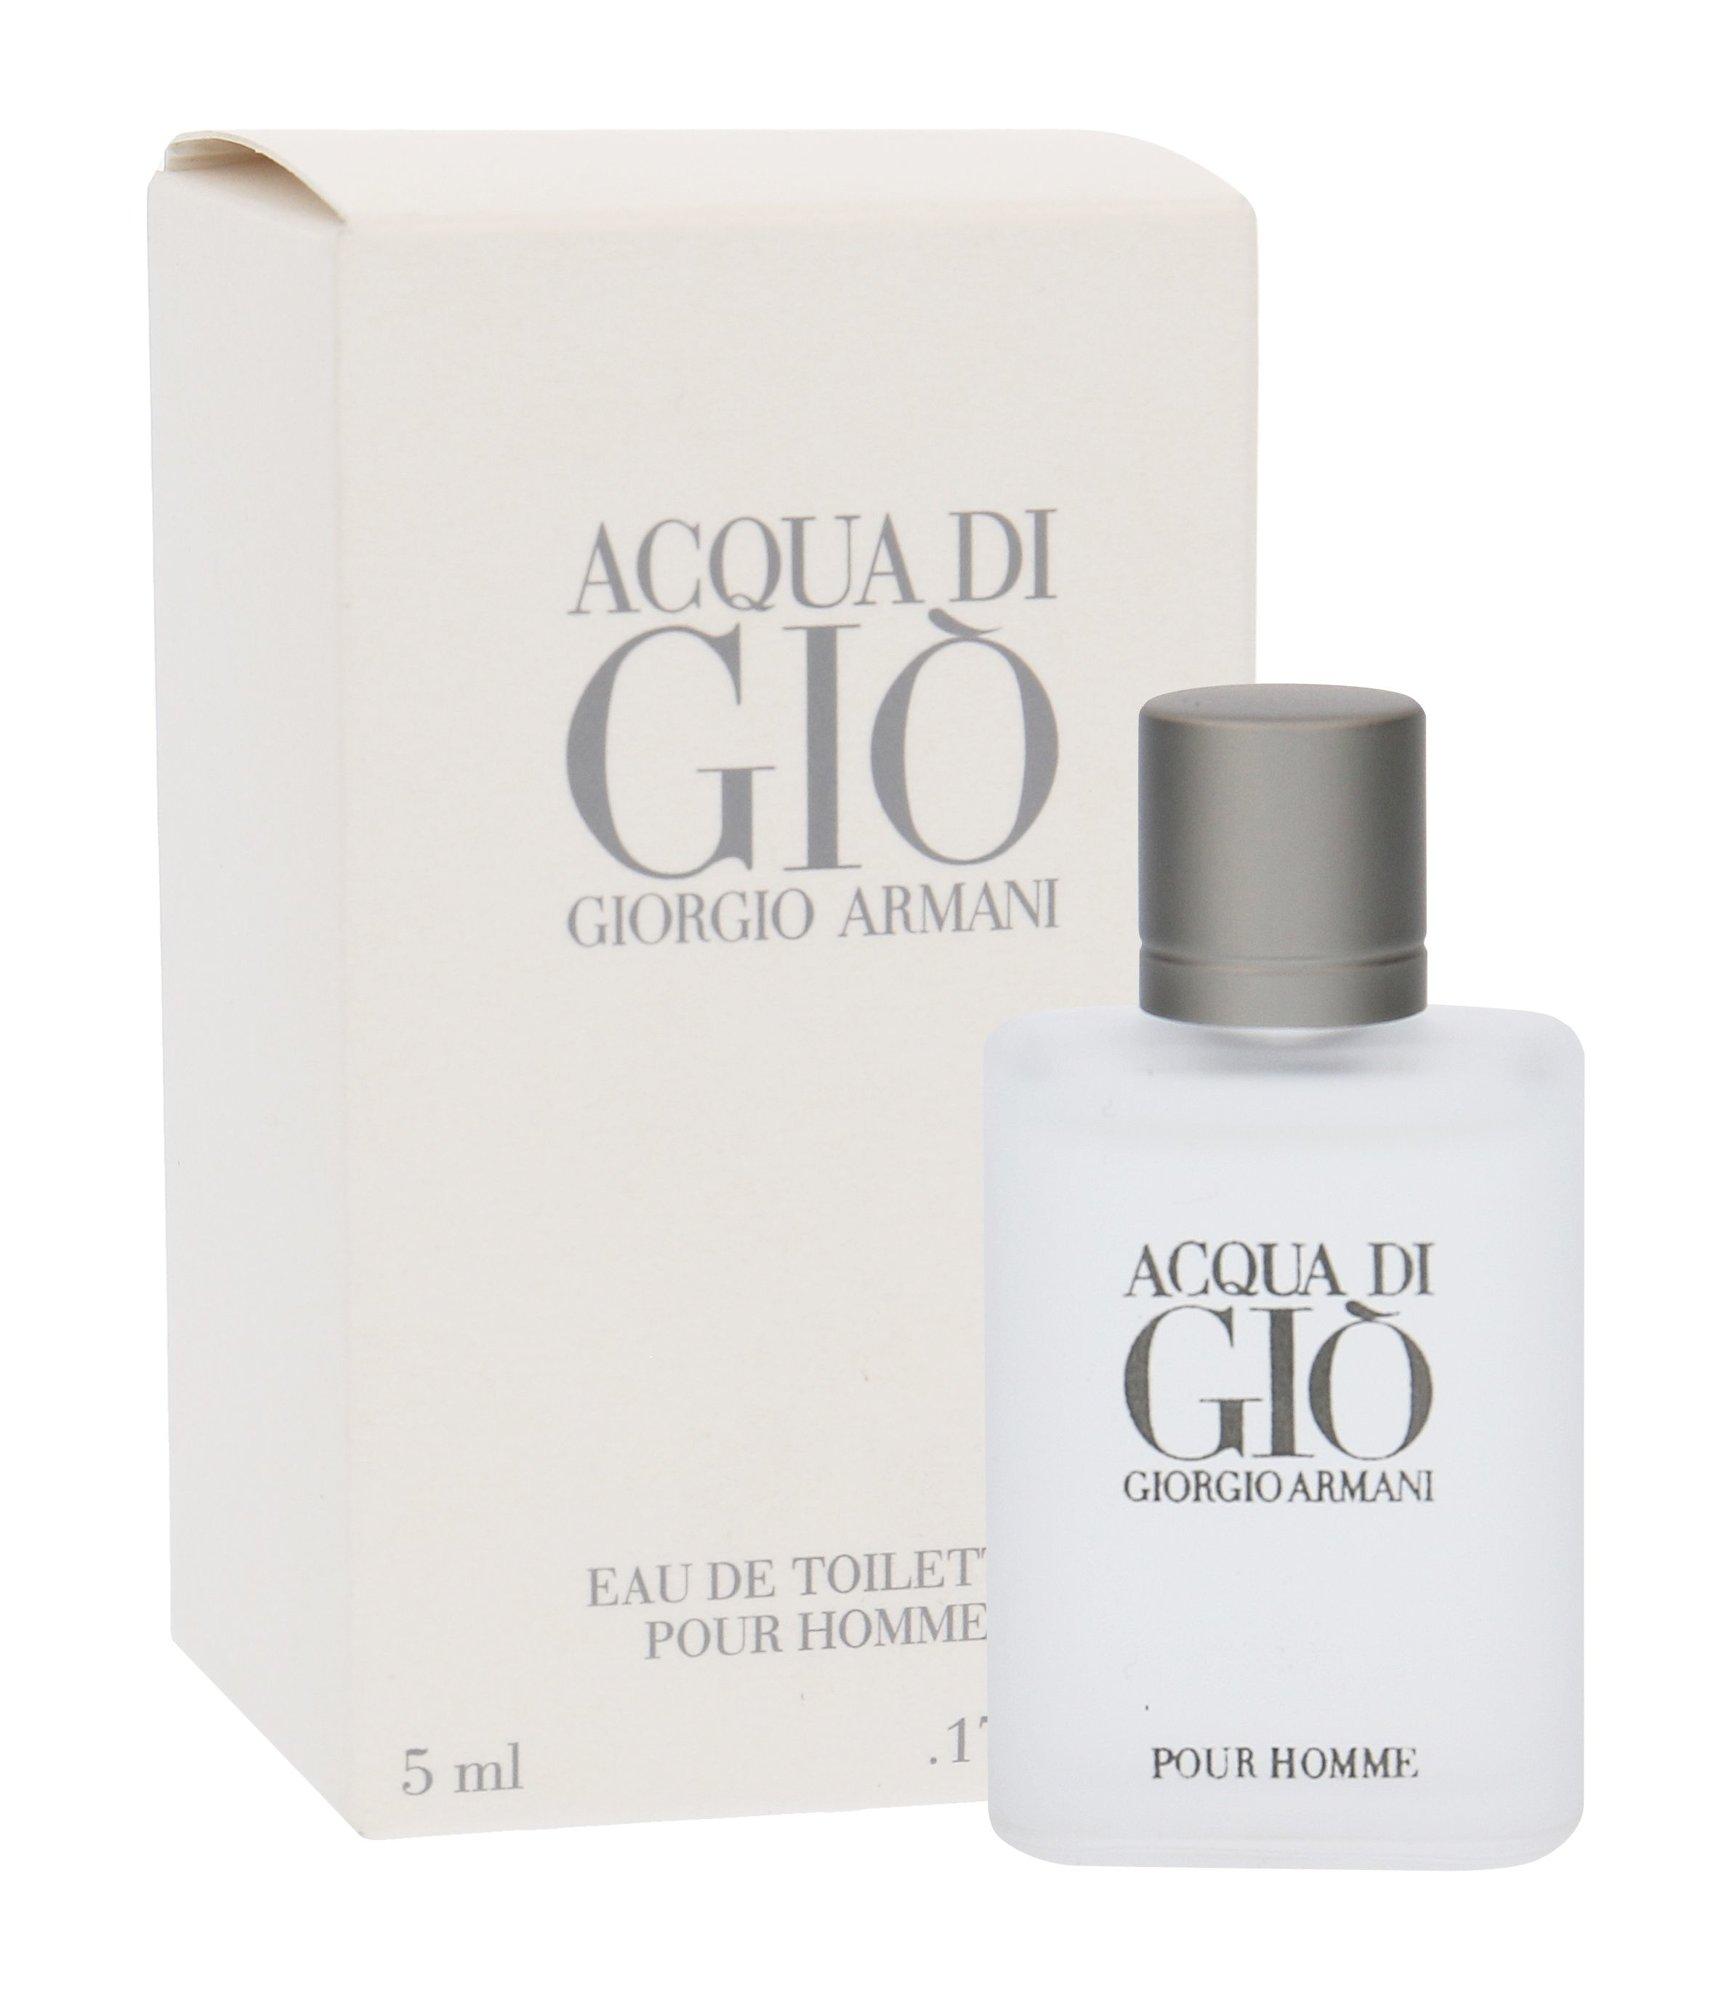 Giorgio Armani Acqua di Gio EDT 5ml